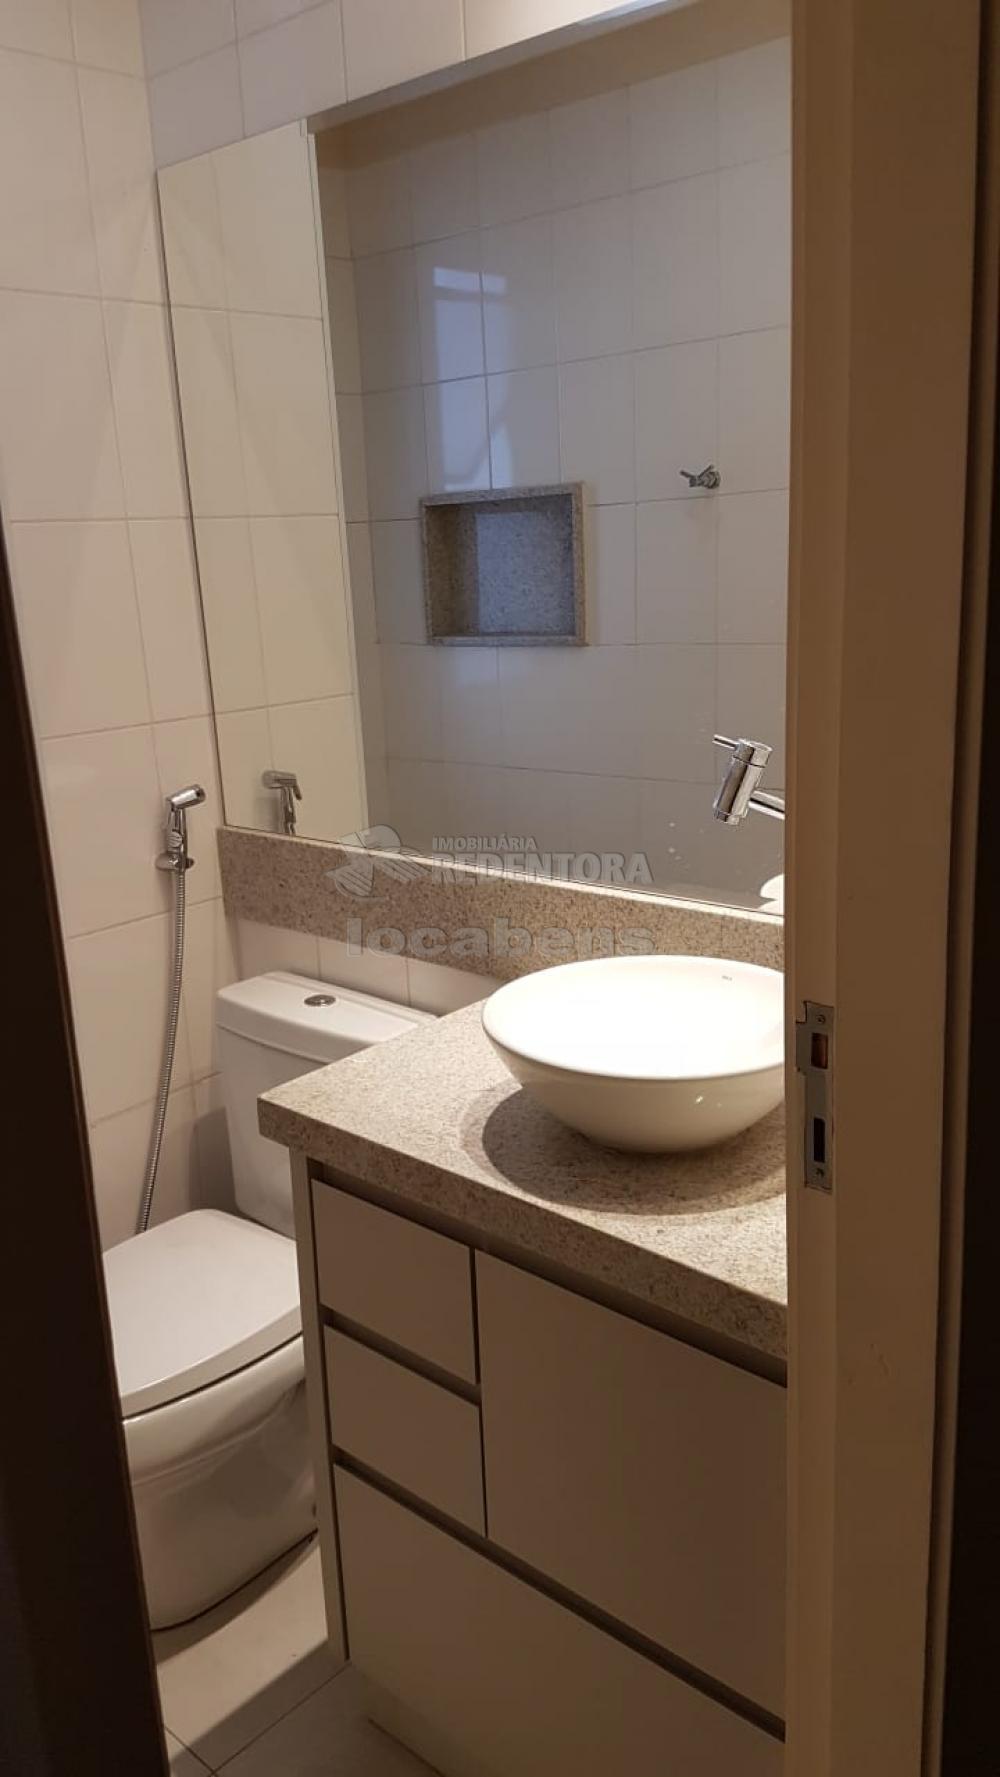 Alugar Apartamento / Padrão em São José do Rio Preto apenas R$ 1.800,00 - Foto 13